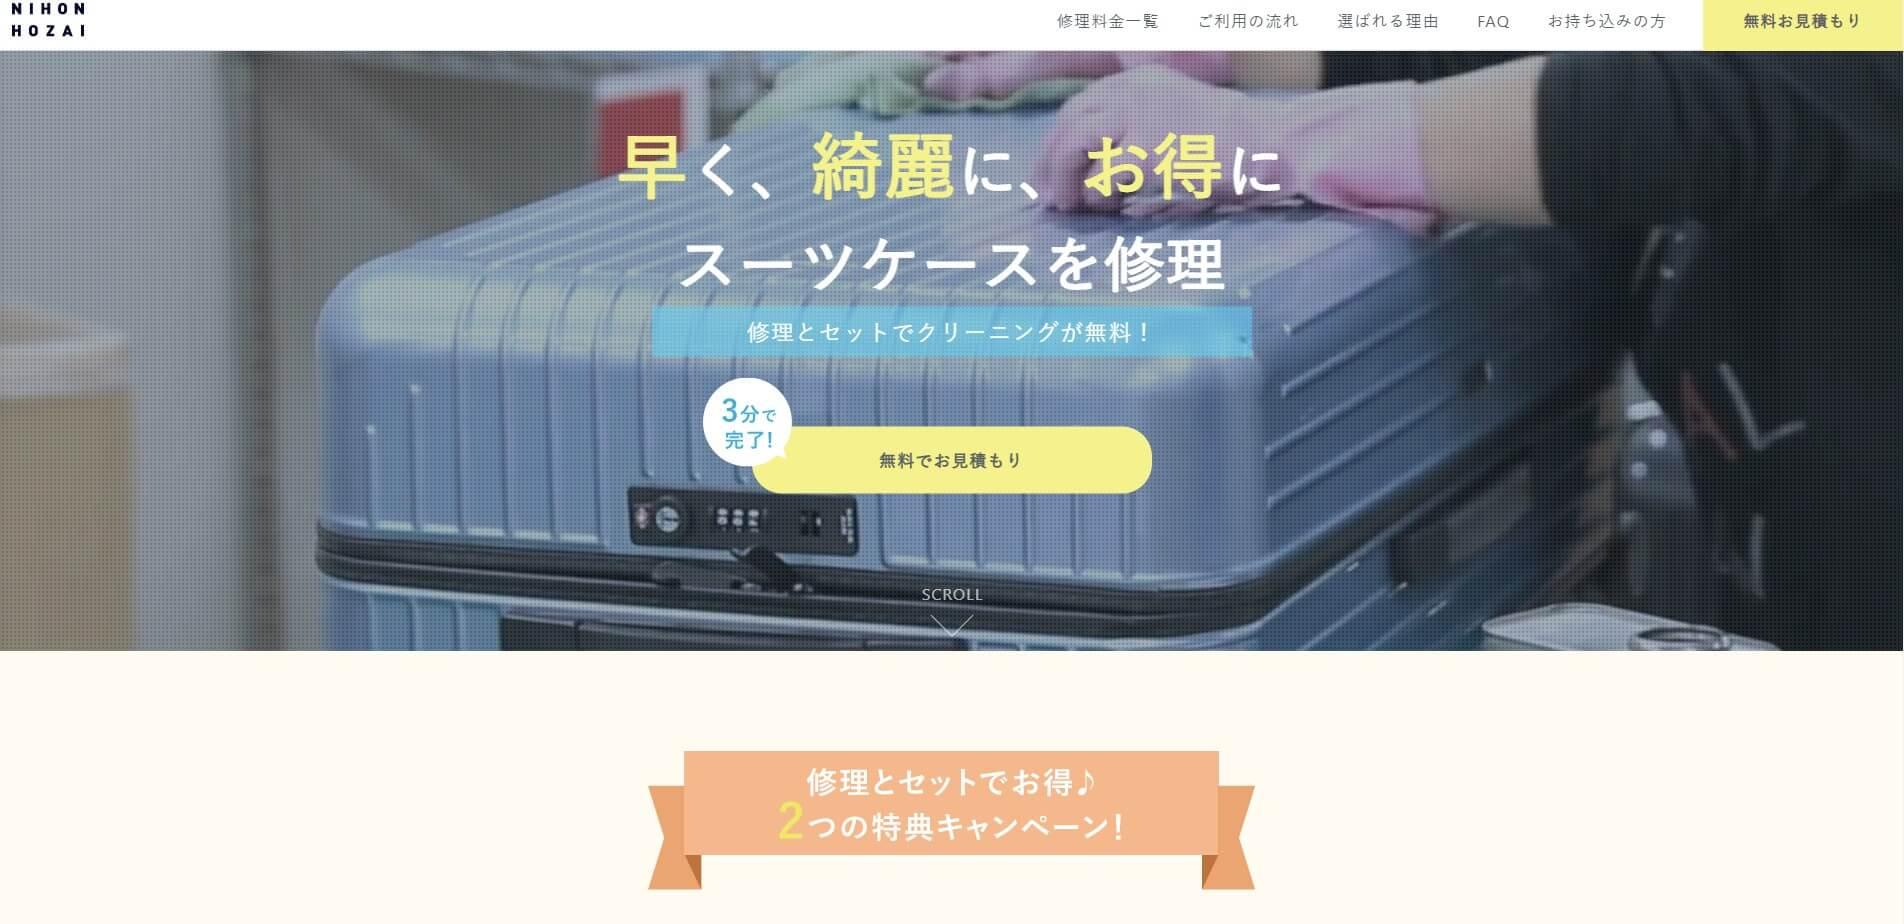 日本鞄材株式会社のスーツケース修理事業。スーツケース修理サイトの画面